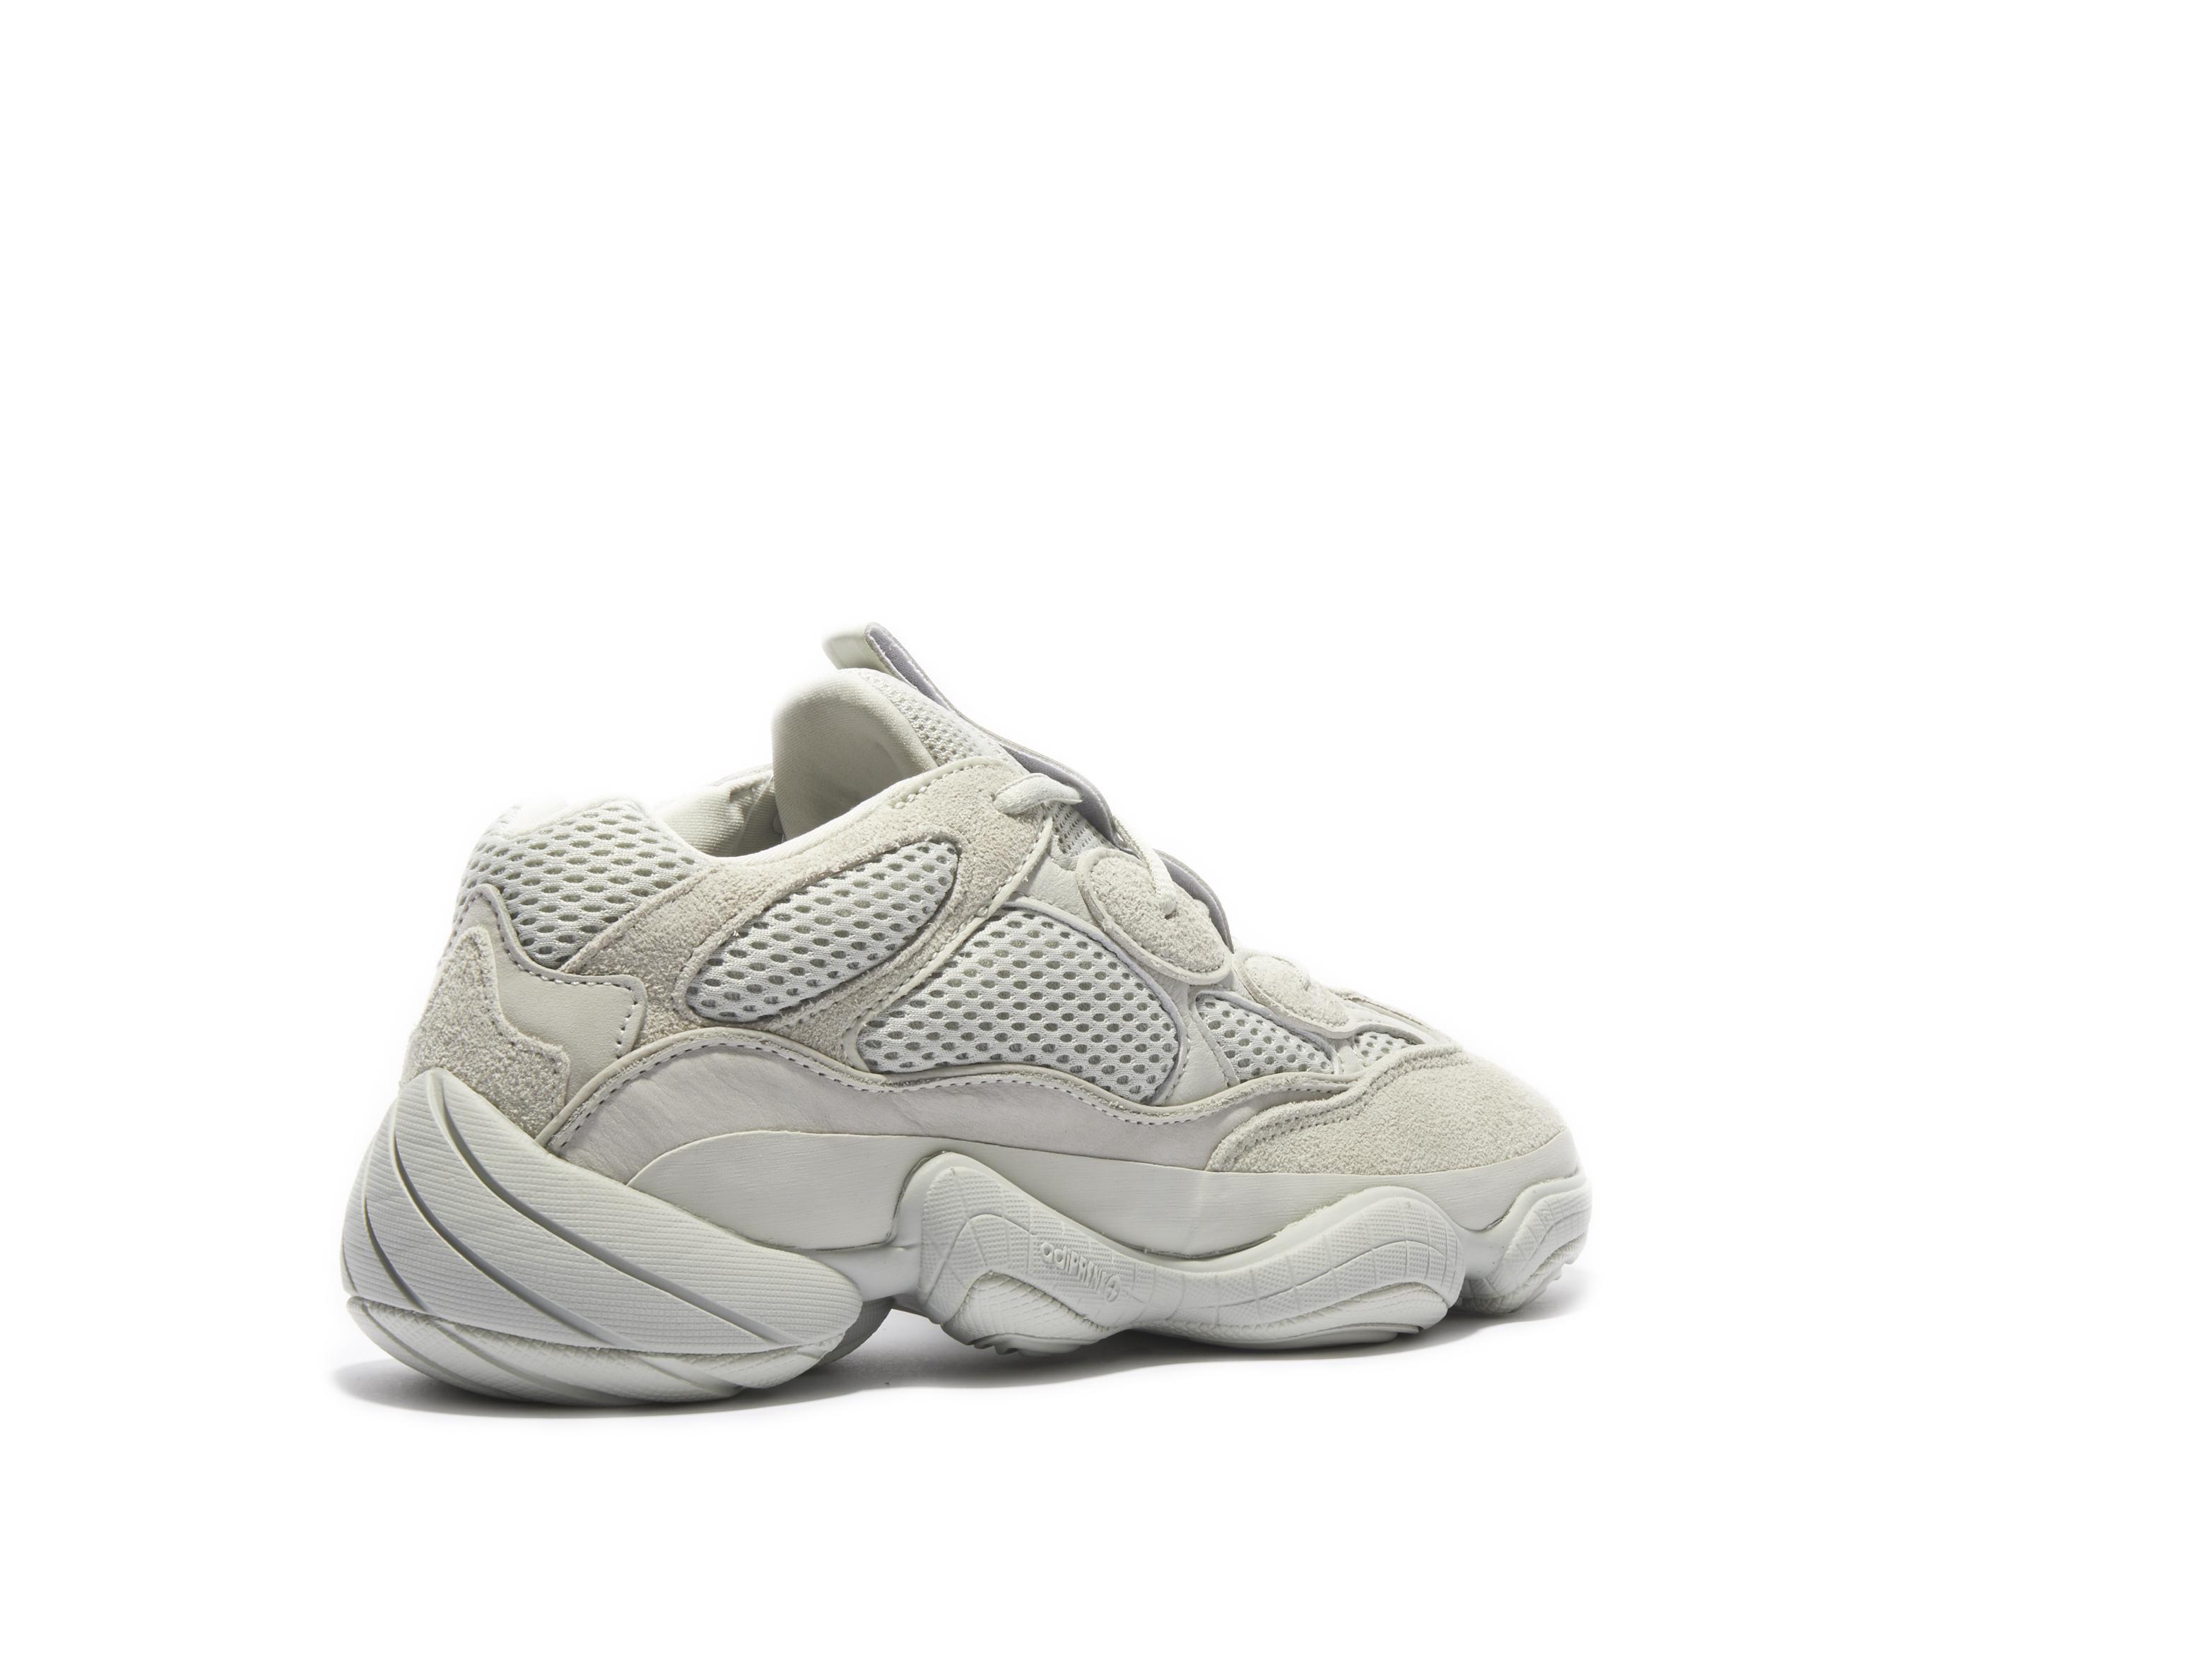 adidas uk yeezy 500